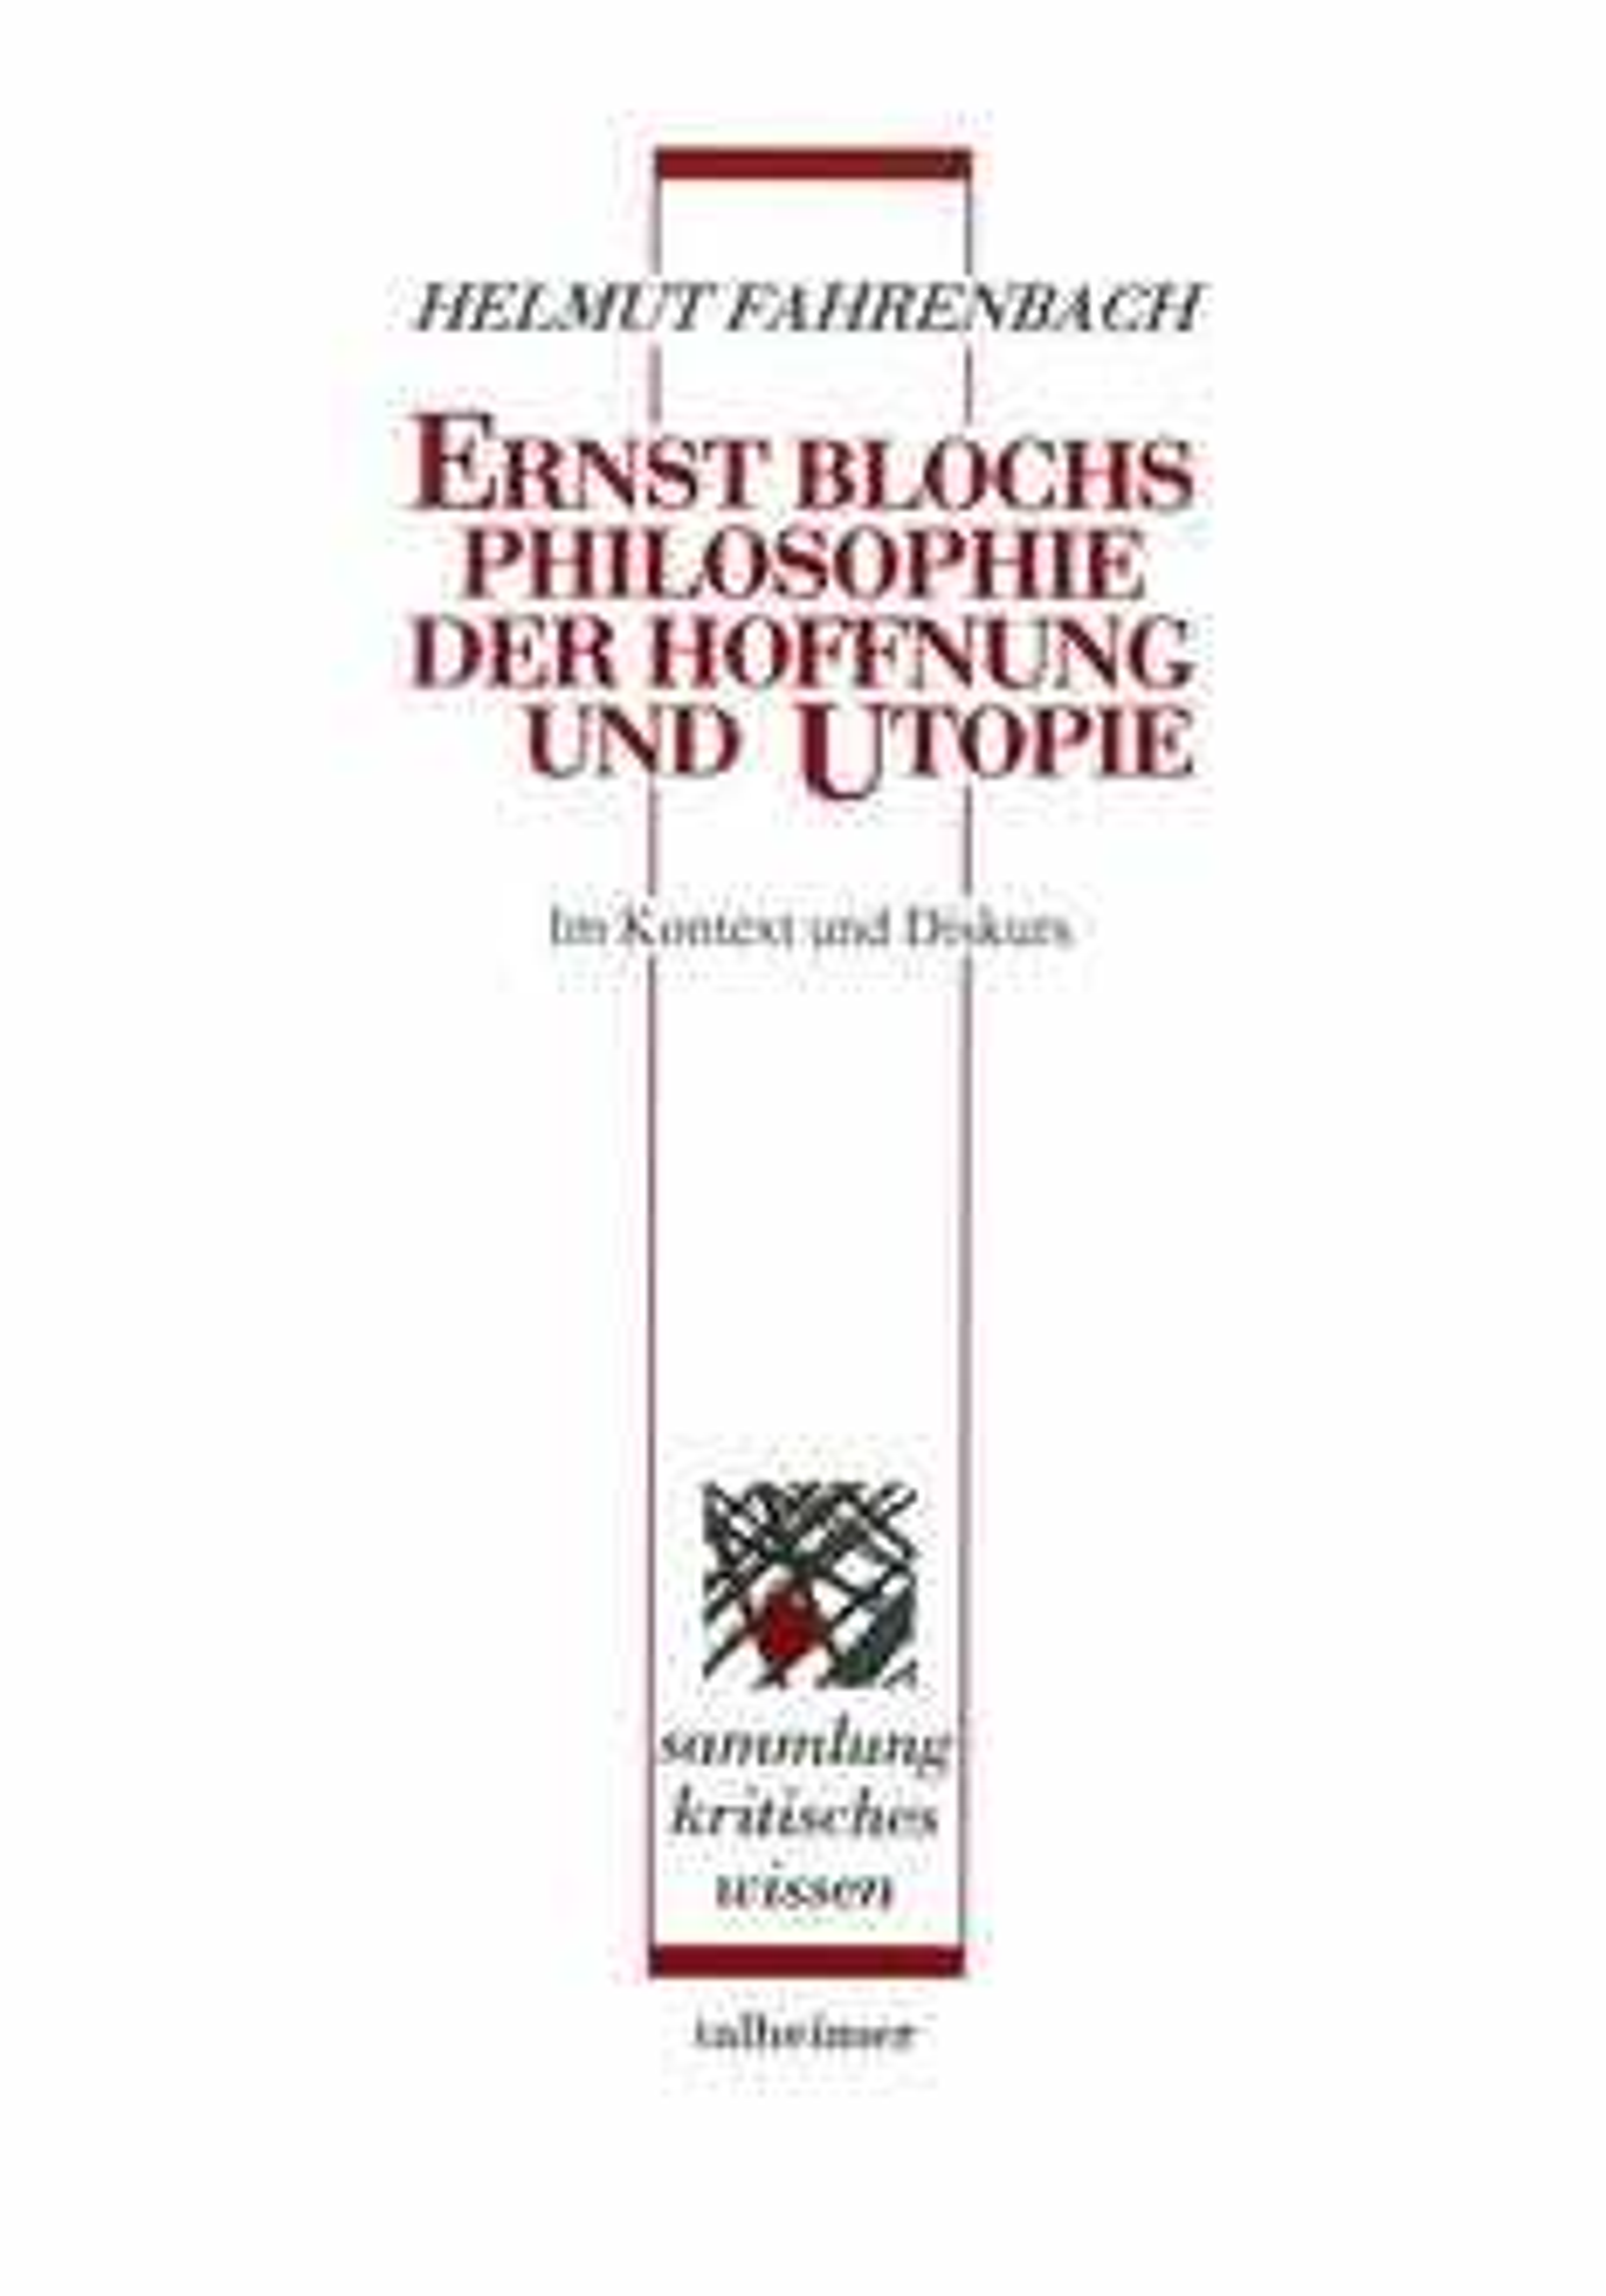 Ernst Blochs Philosophie der Hoffnung und Utopie ‒ im Kontext und Diskurs